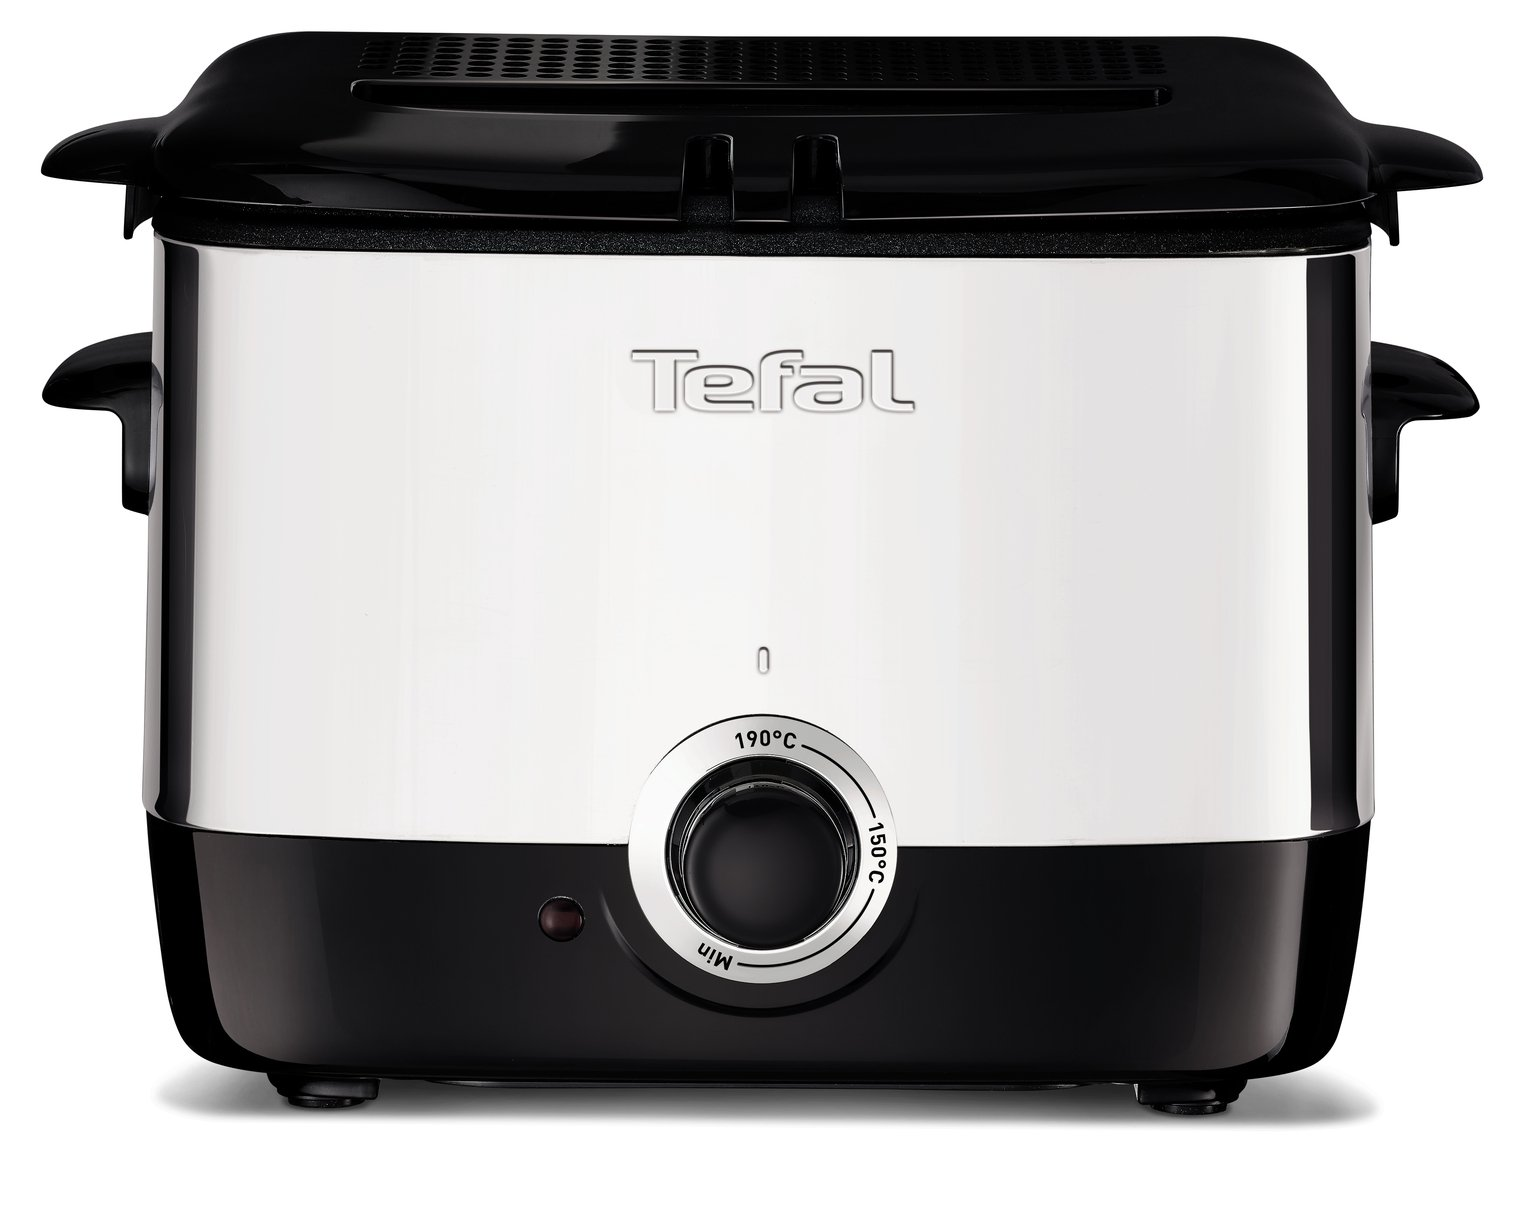 Tefal FF220040 Pro Mini Fryer - Stainless Steel.